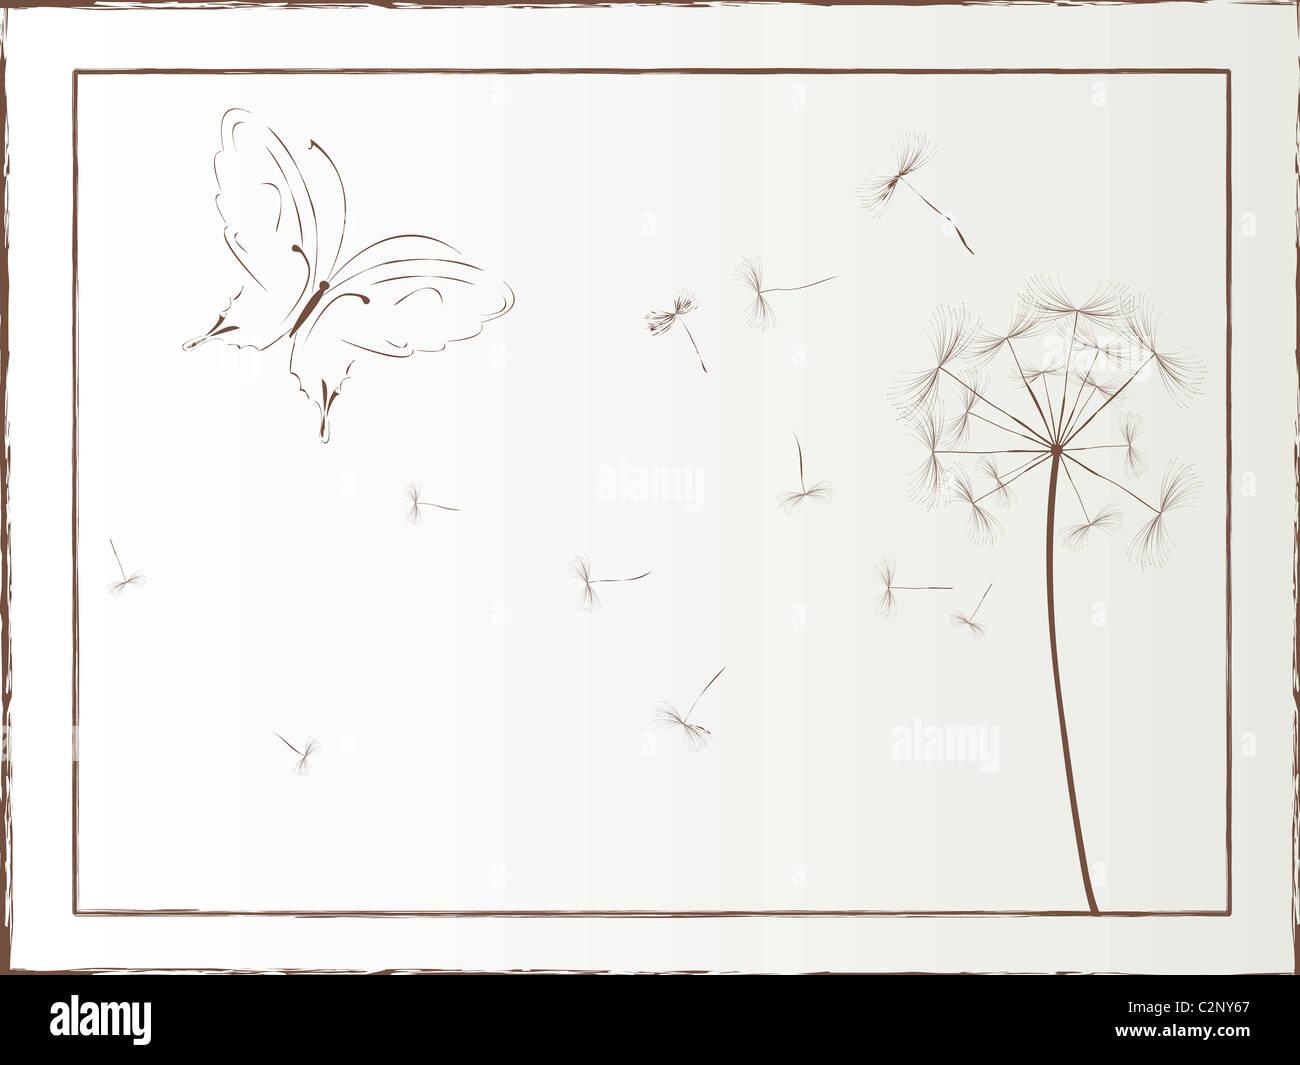 Löwenzahn und Schmetterling gerahmt Abbildung Stockbild